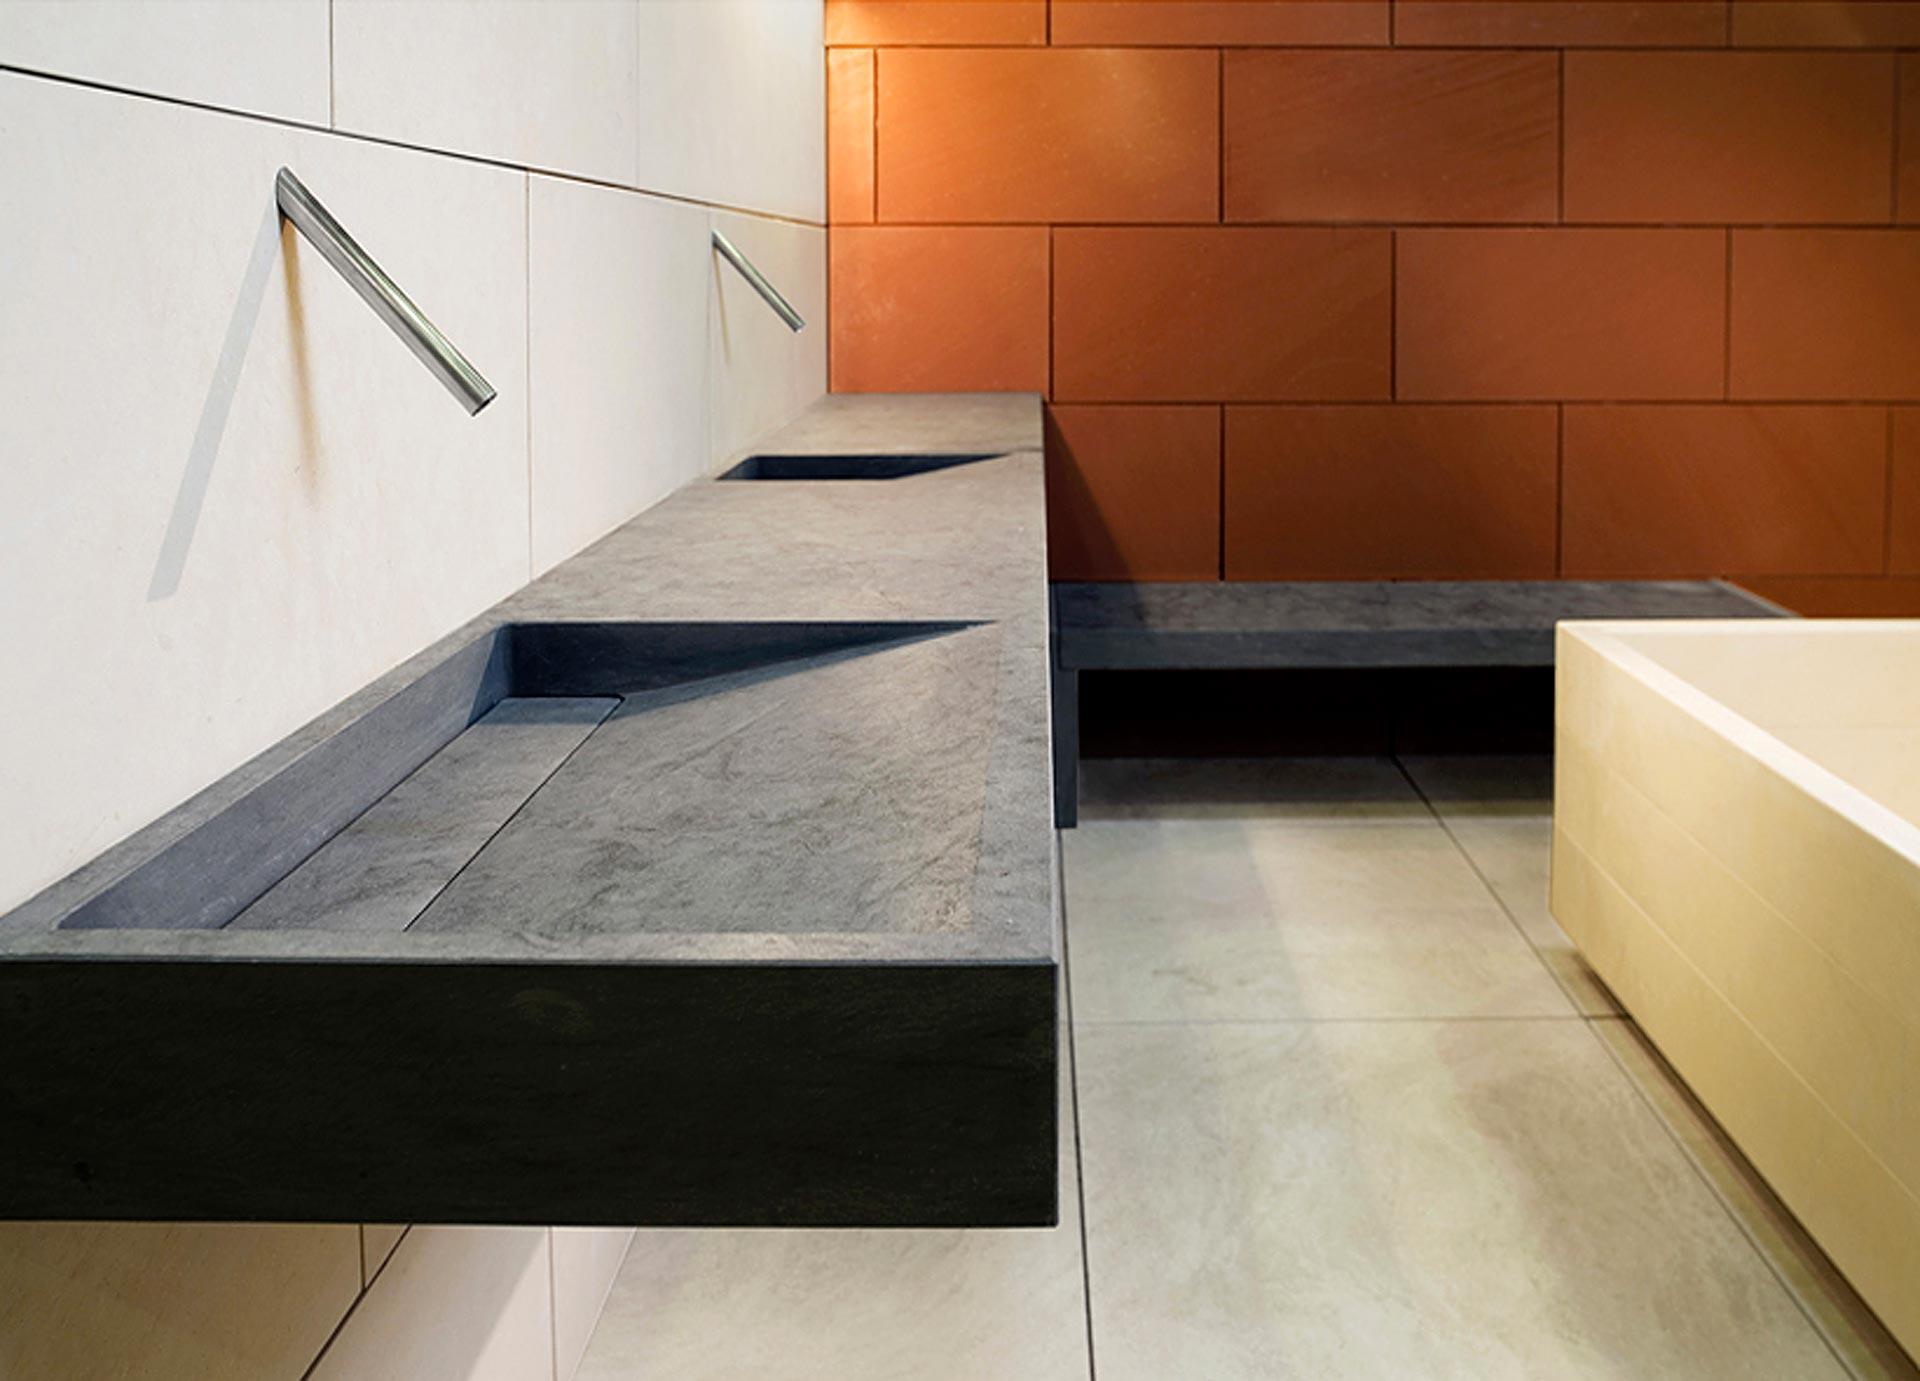 architecture and interiors design, marble floors, cladding - Arredamento Interior Design